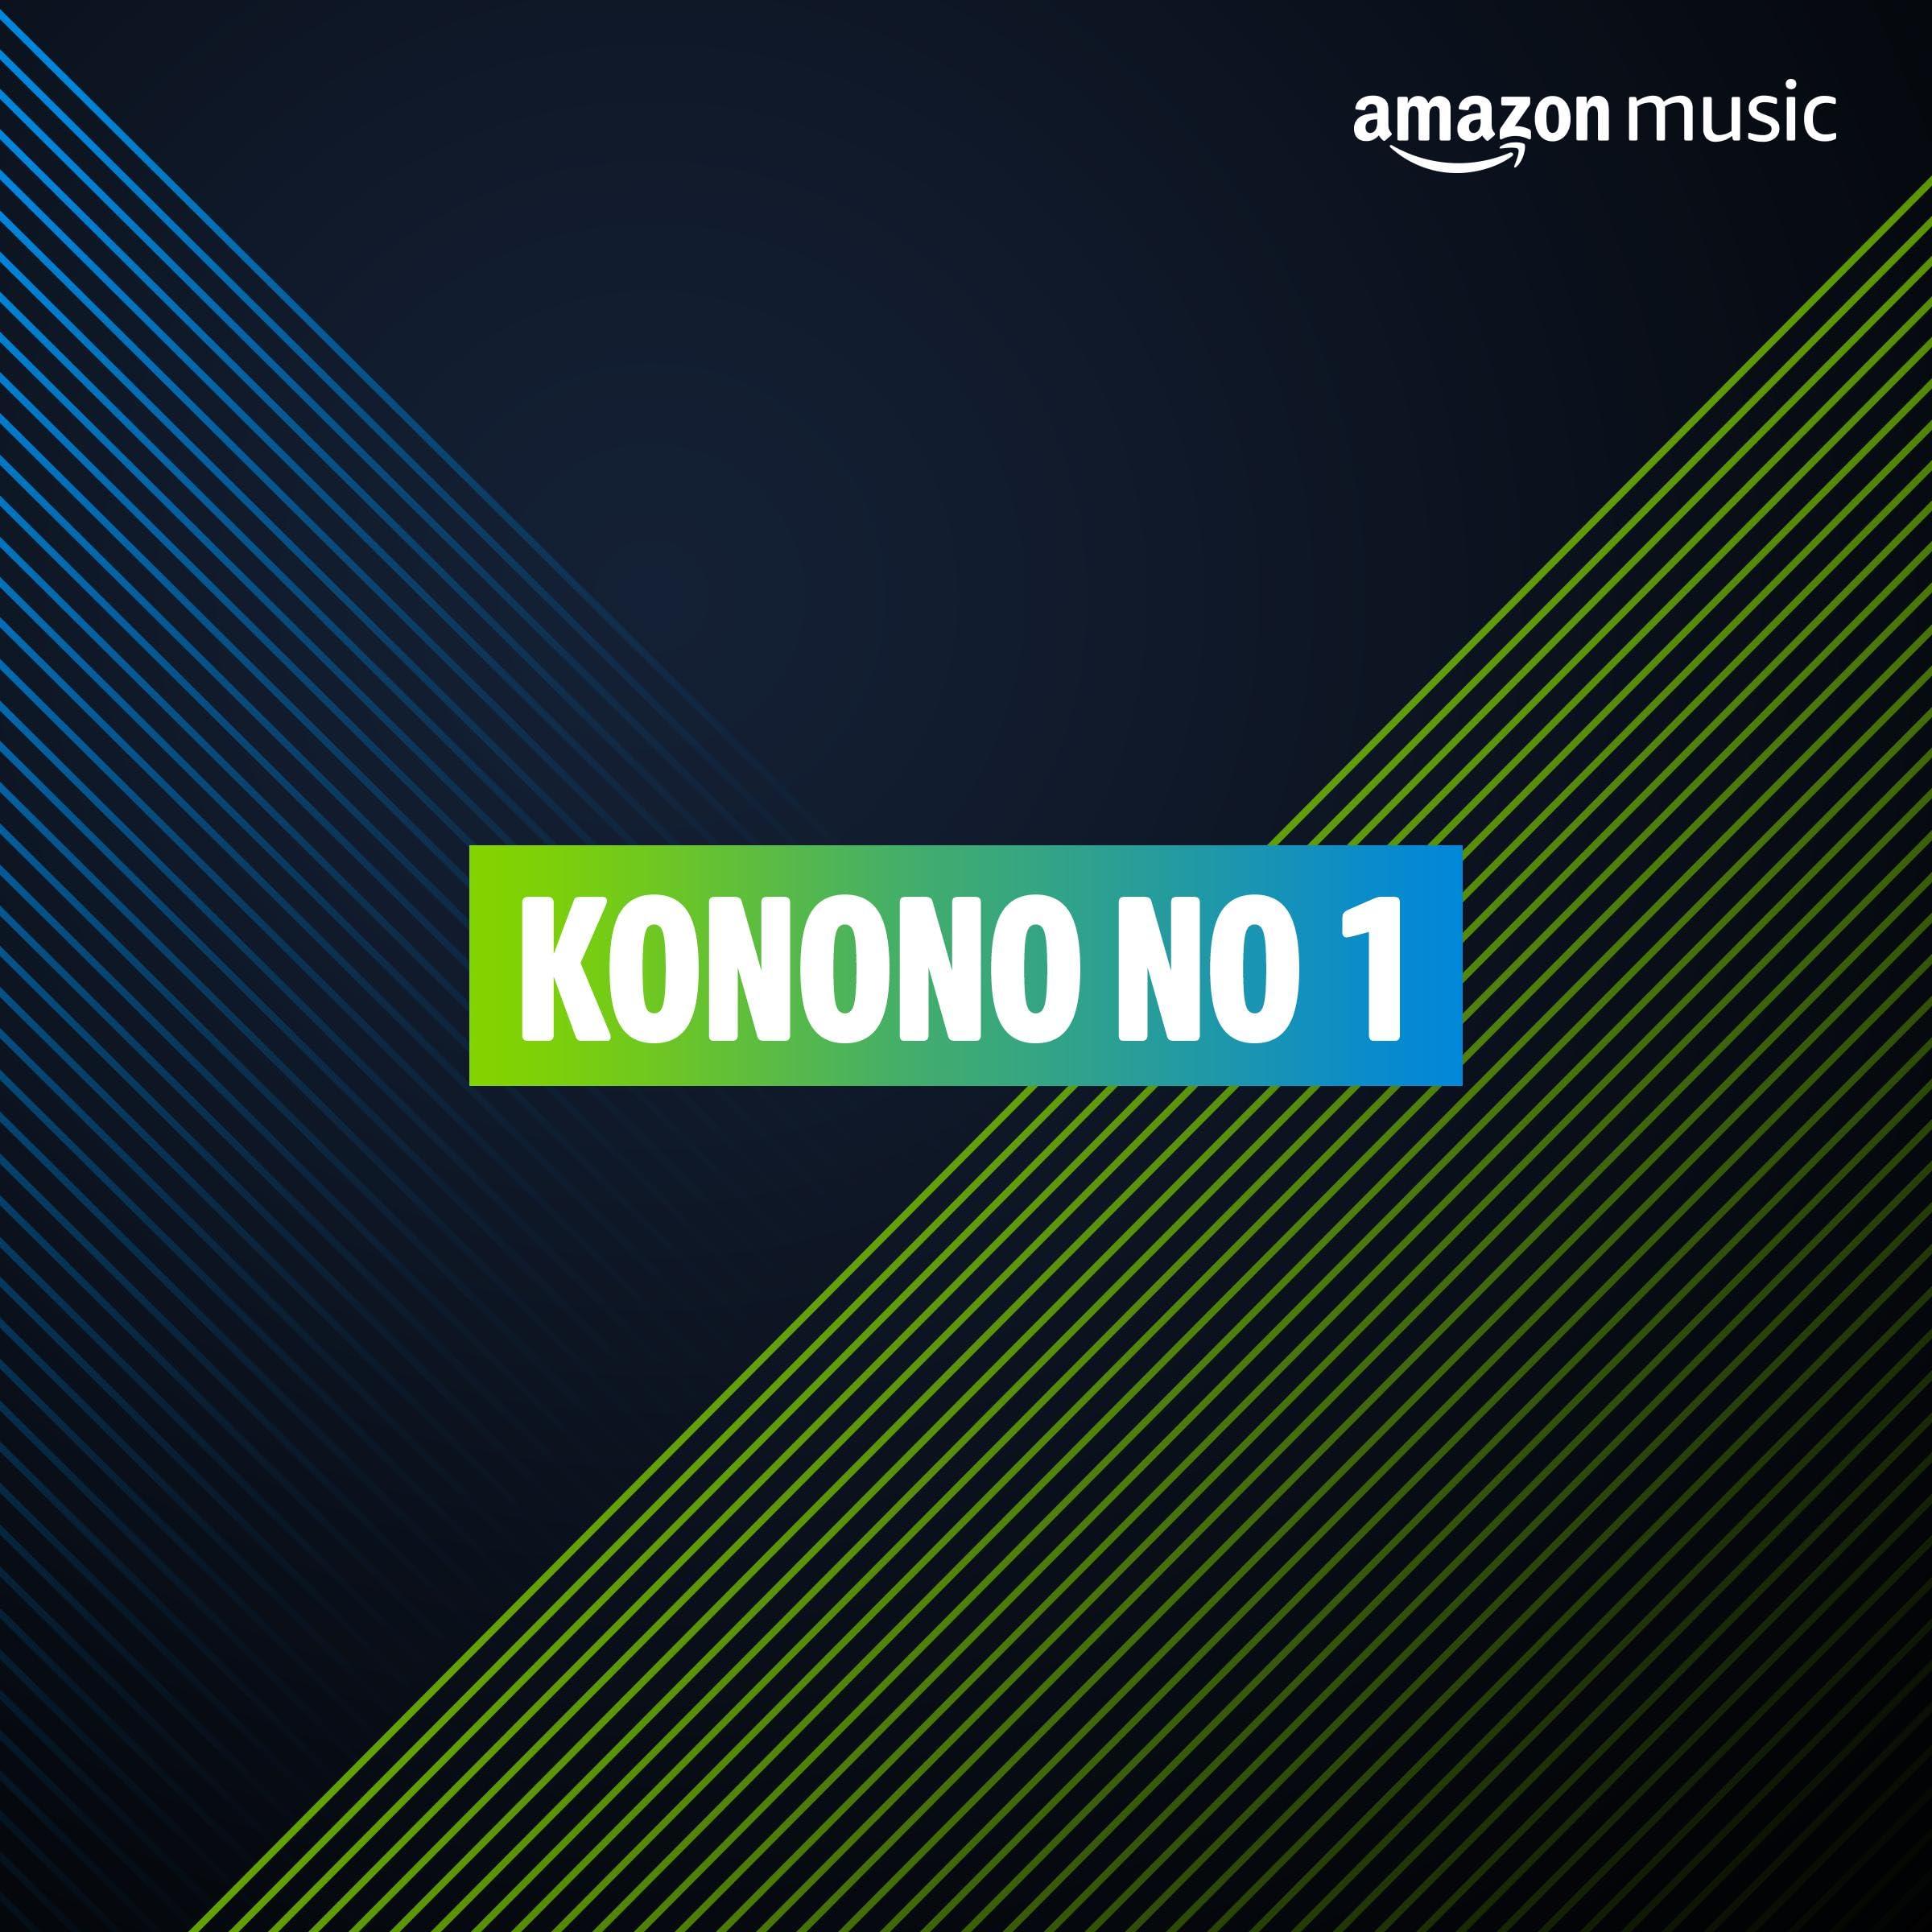 Konono No 1